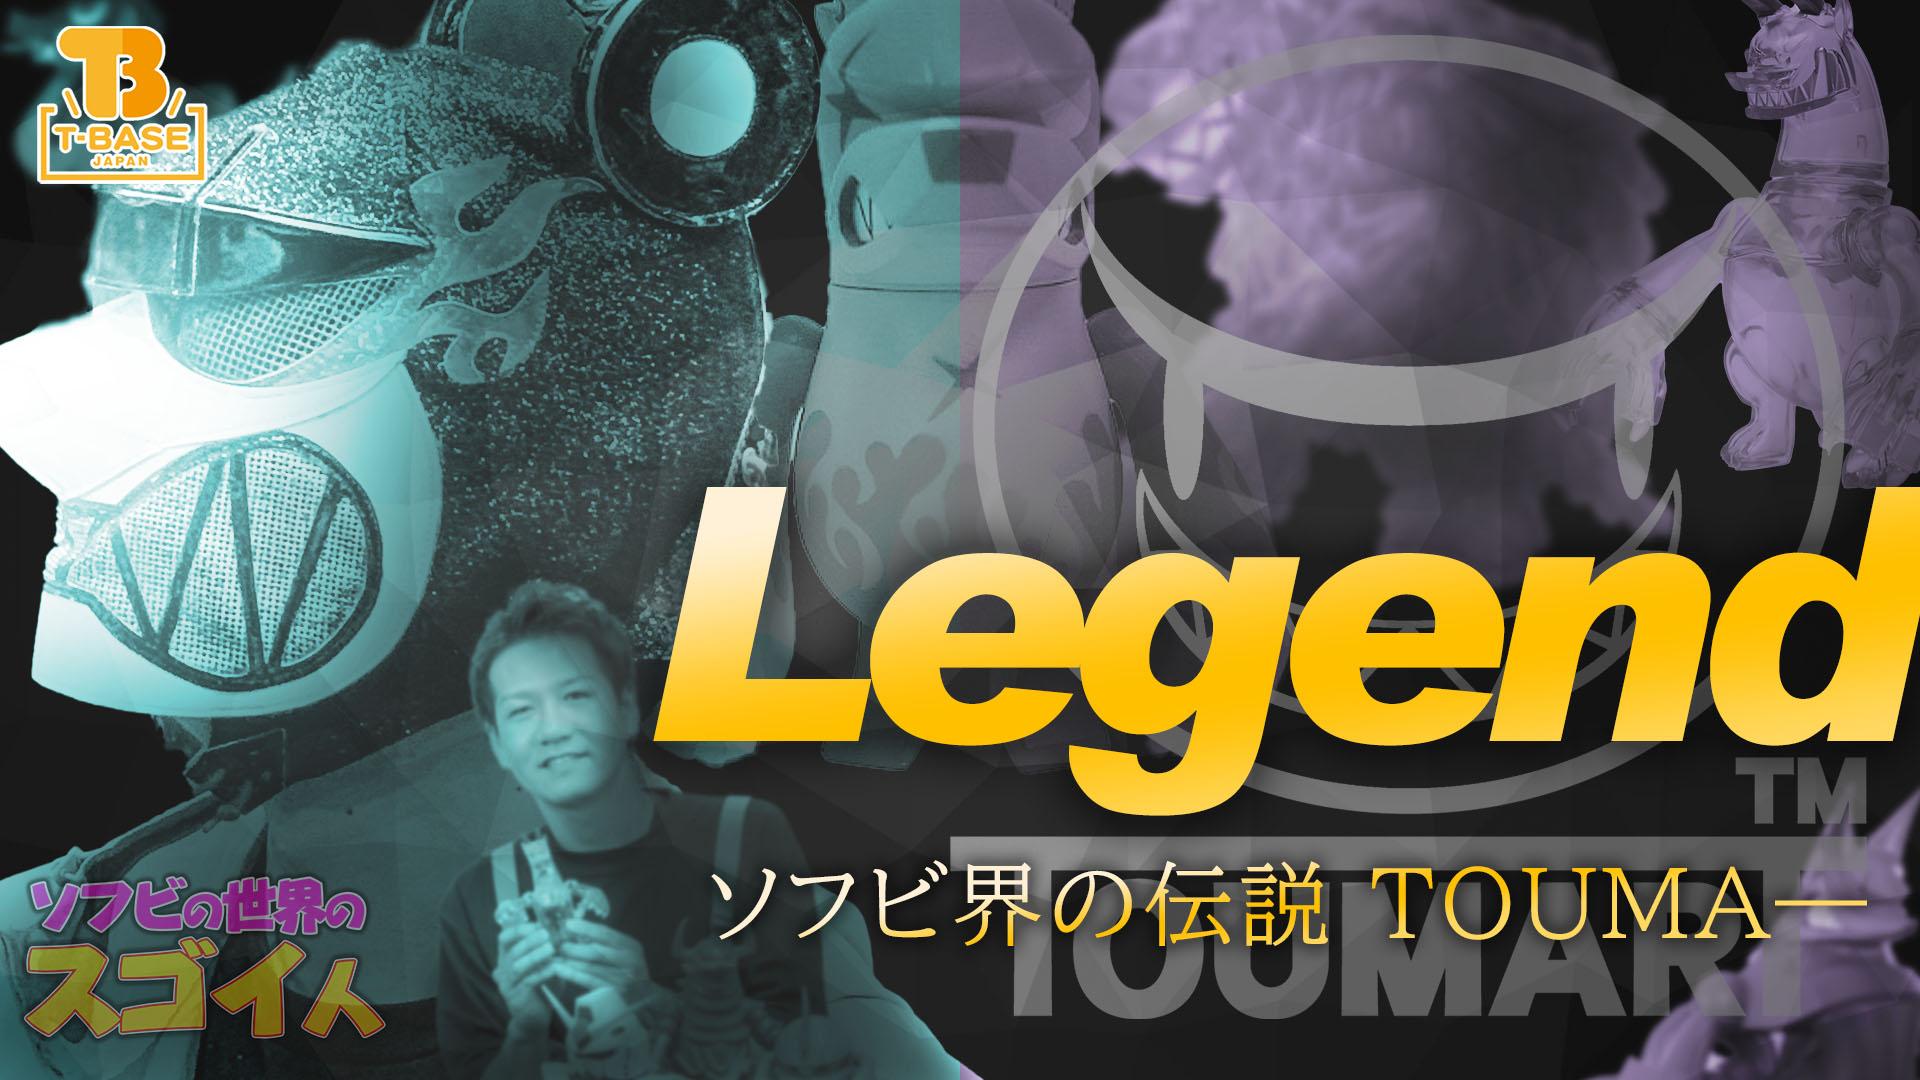 【ソフビの世界のスゴイ人】ソフビ界の伝説!「 TOUMA 」さんを大特集!! 第1弾 / TOUMA×トイズキング HOUNDDRAGONS T-BASE限定カラーも発売!